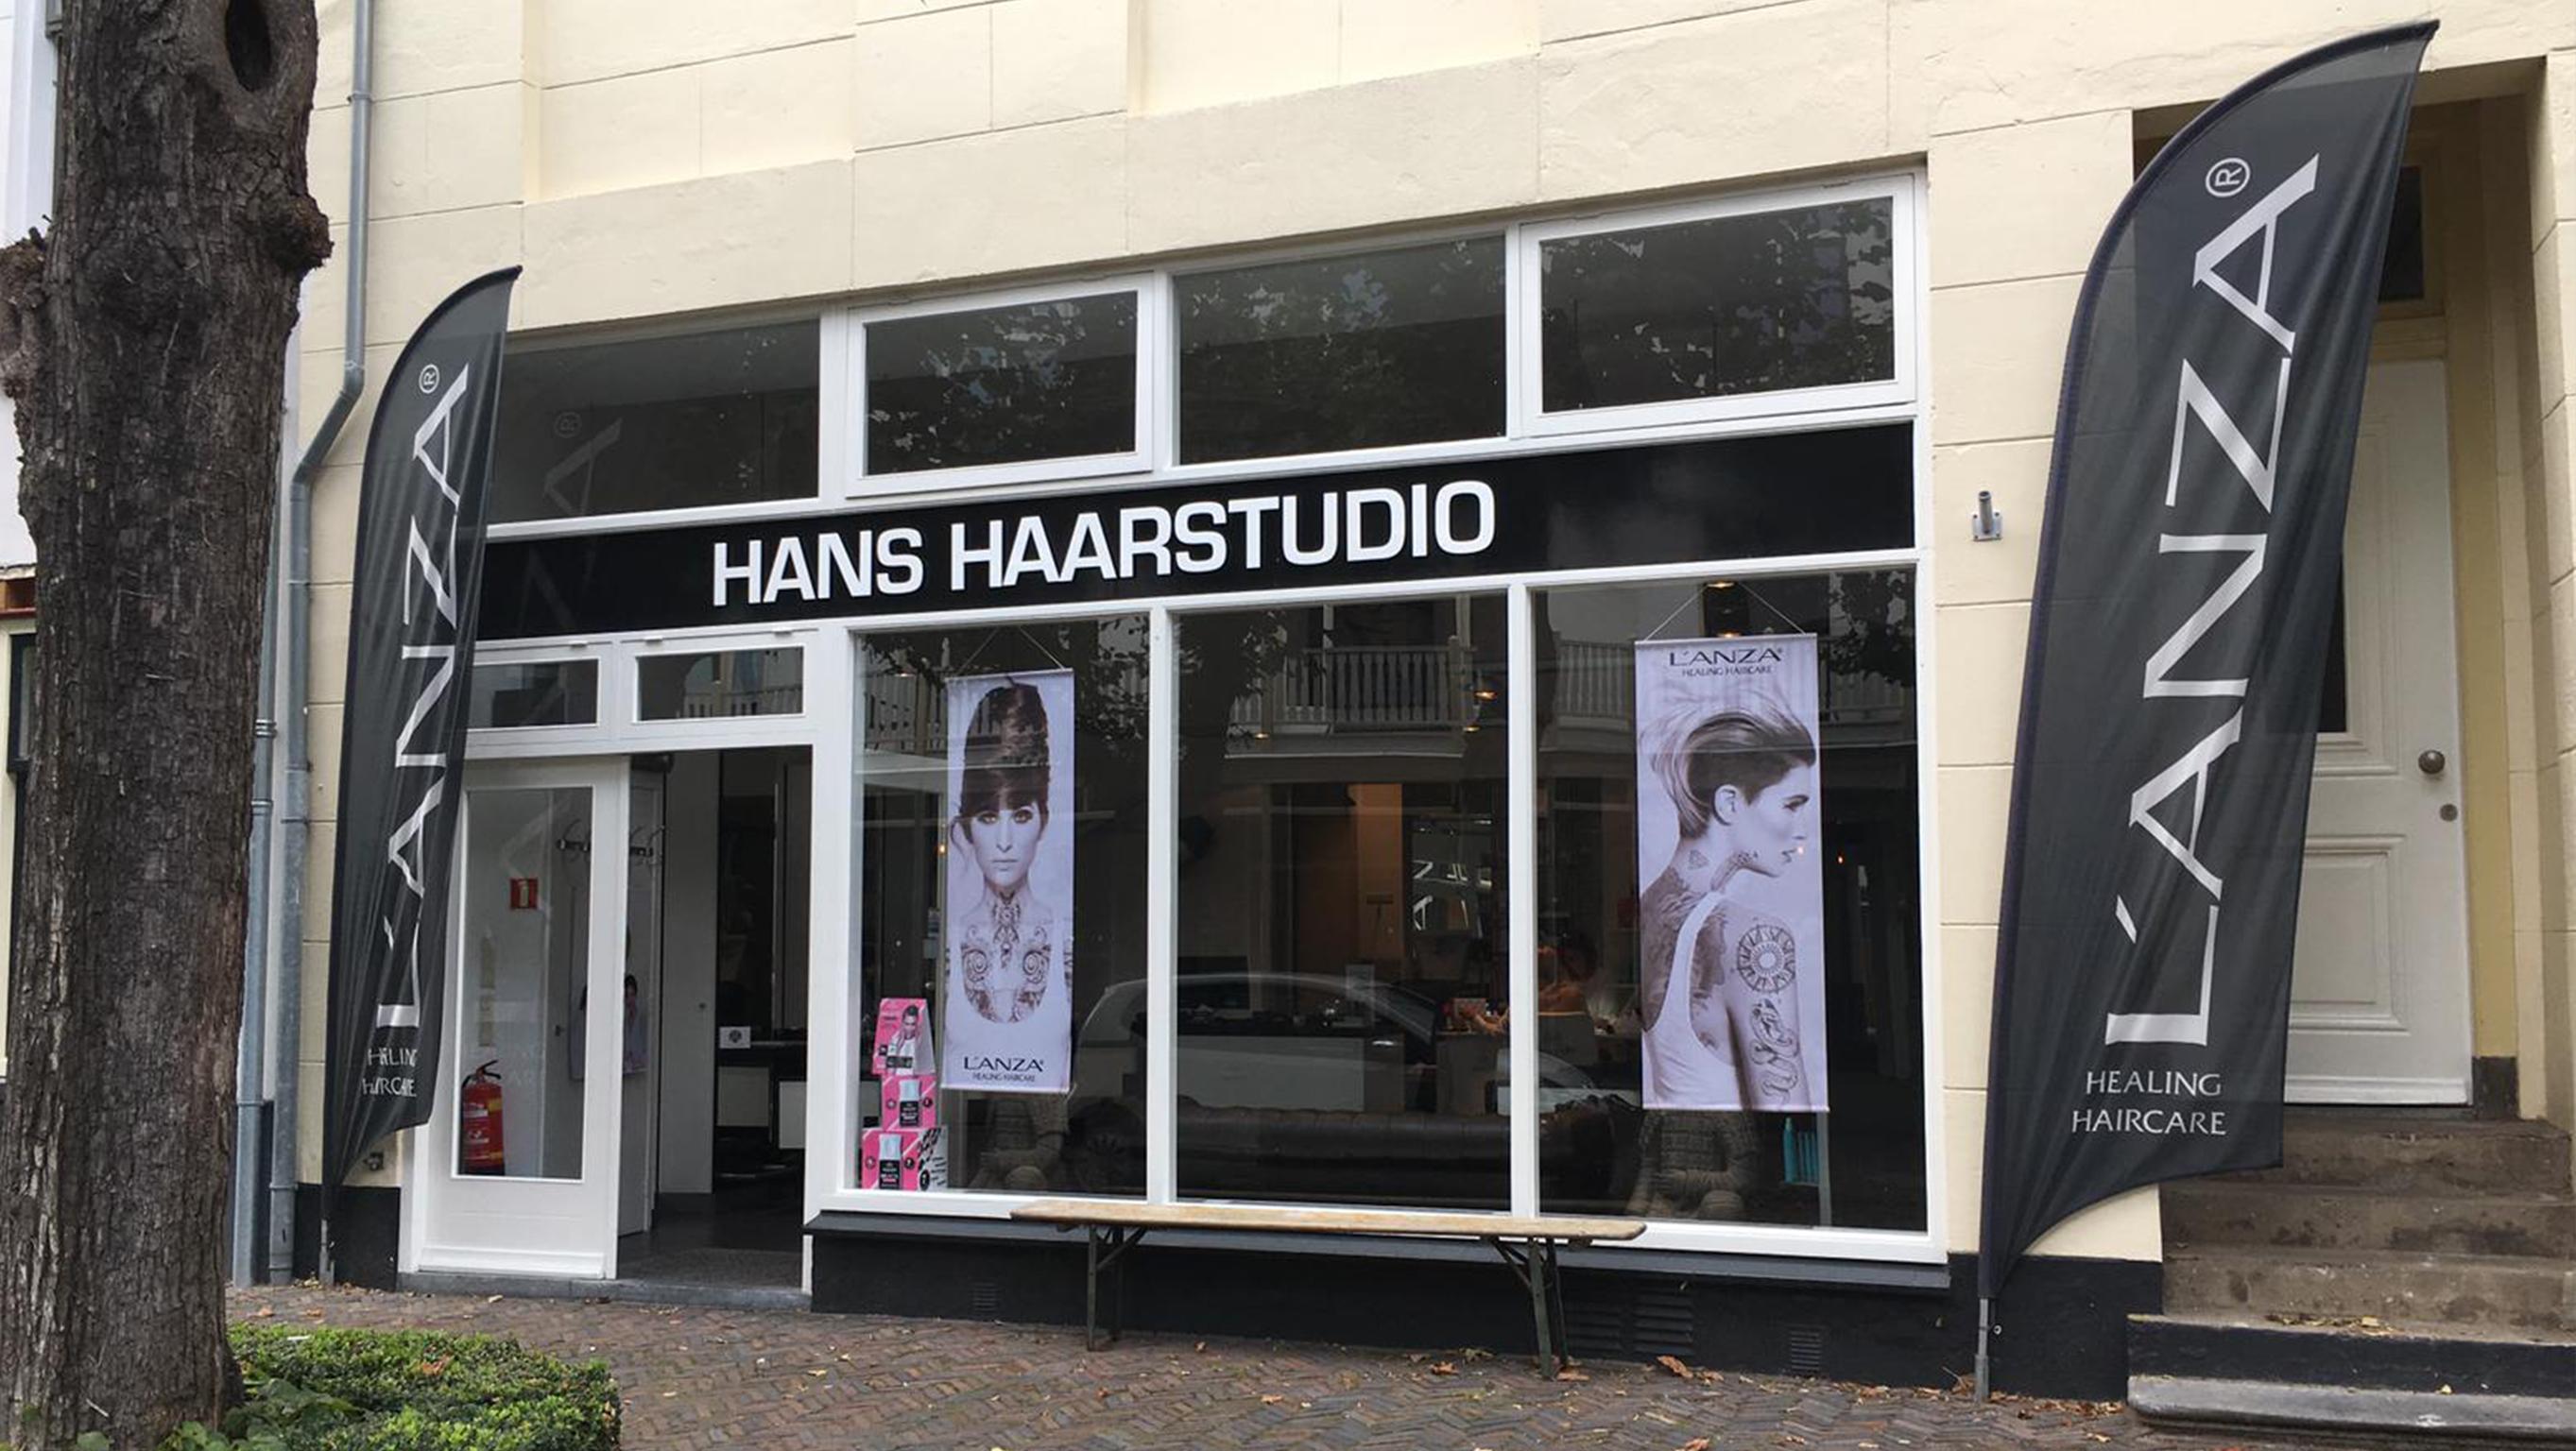 Hans Haarstudio - Exterieur